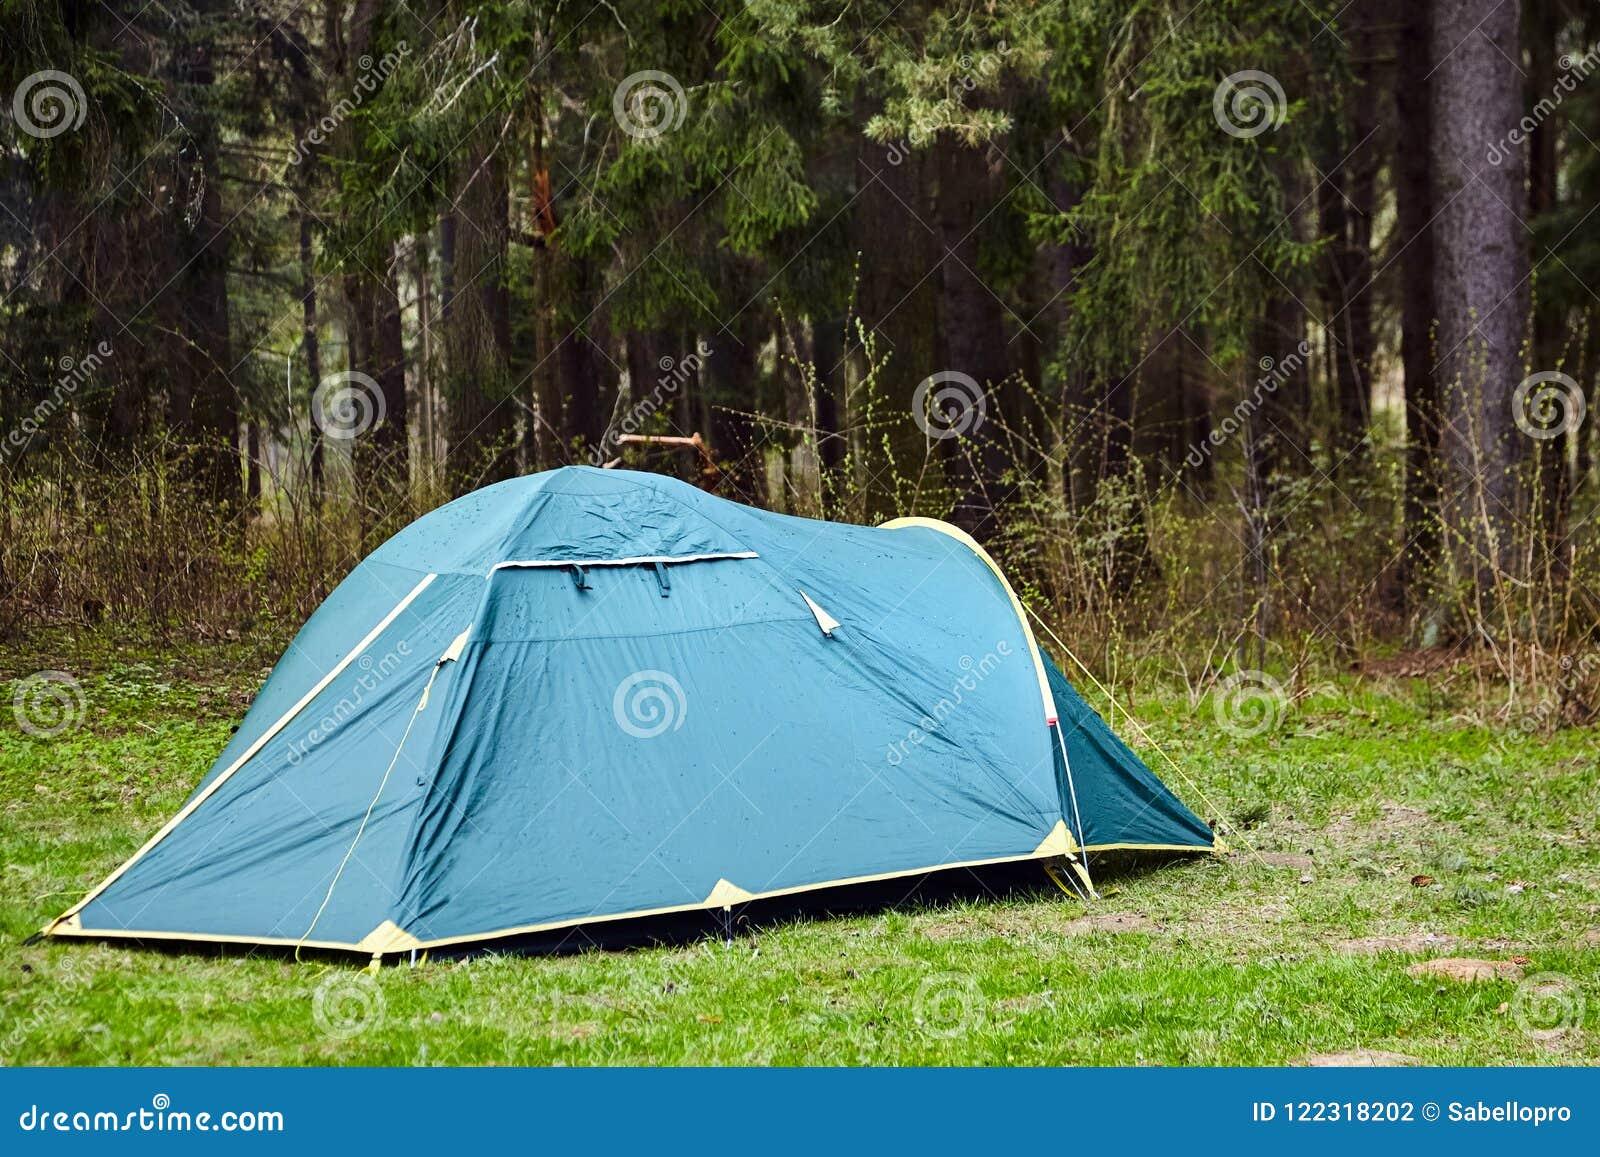 Camping Toeristentent in het bos